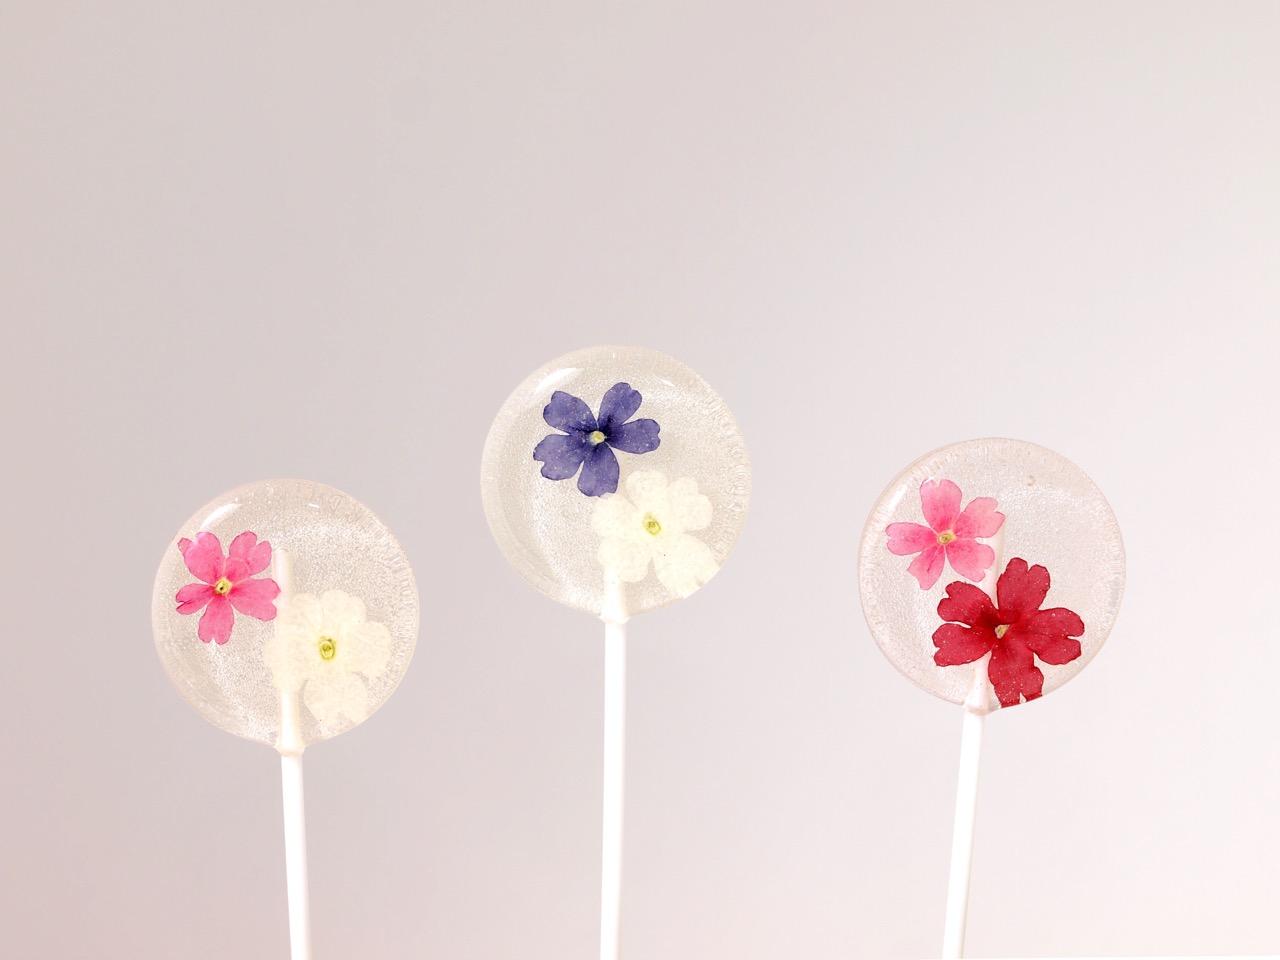 プチプラなのもうれしい本物のお花を閉じ込めたロリポップキャンディ